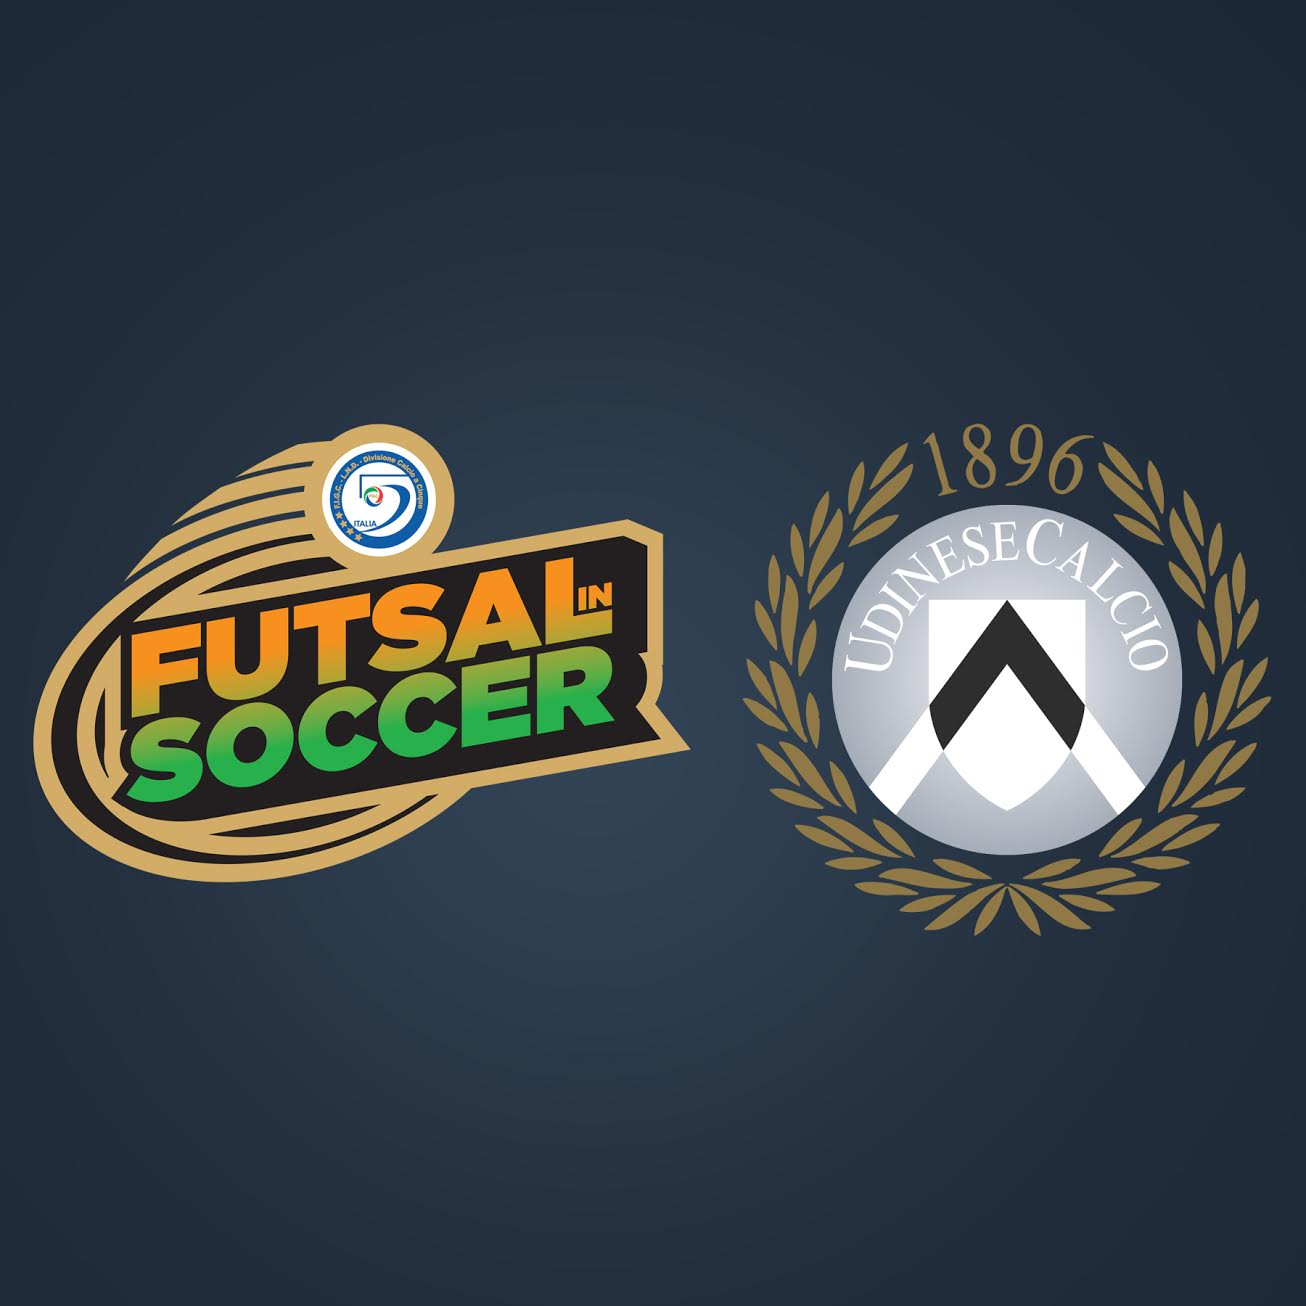 Futsal-in-Soccer